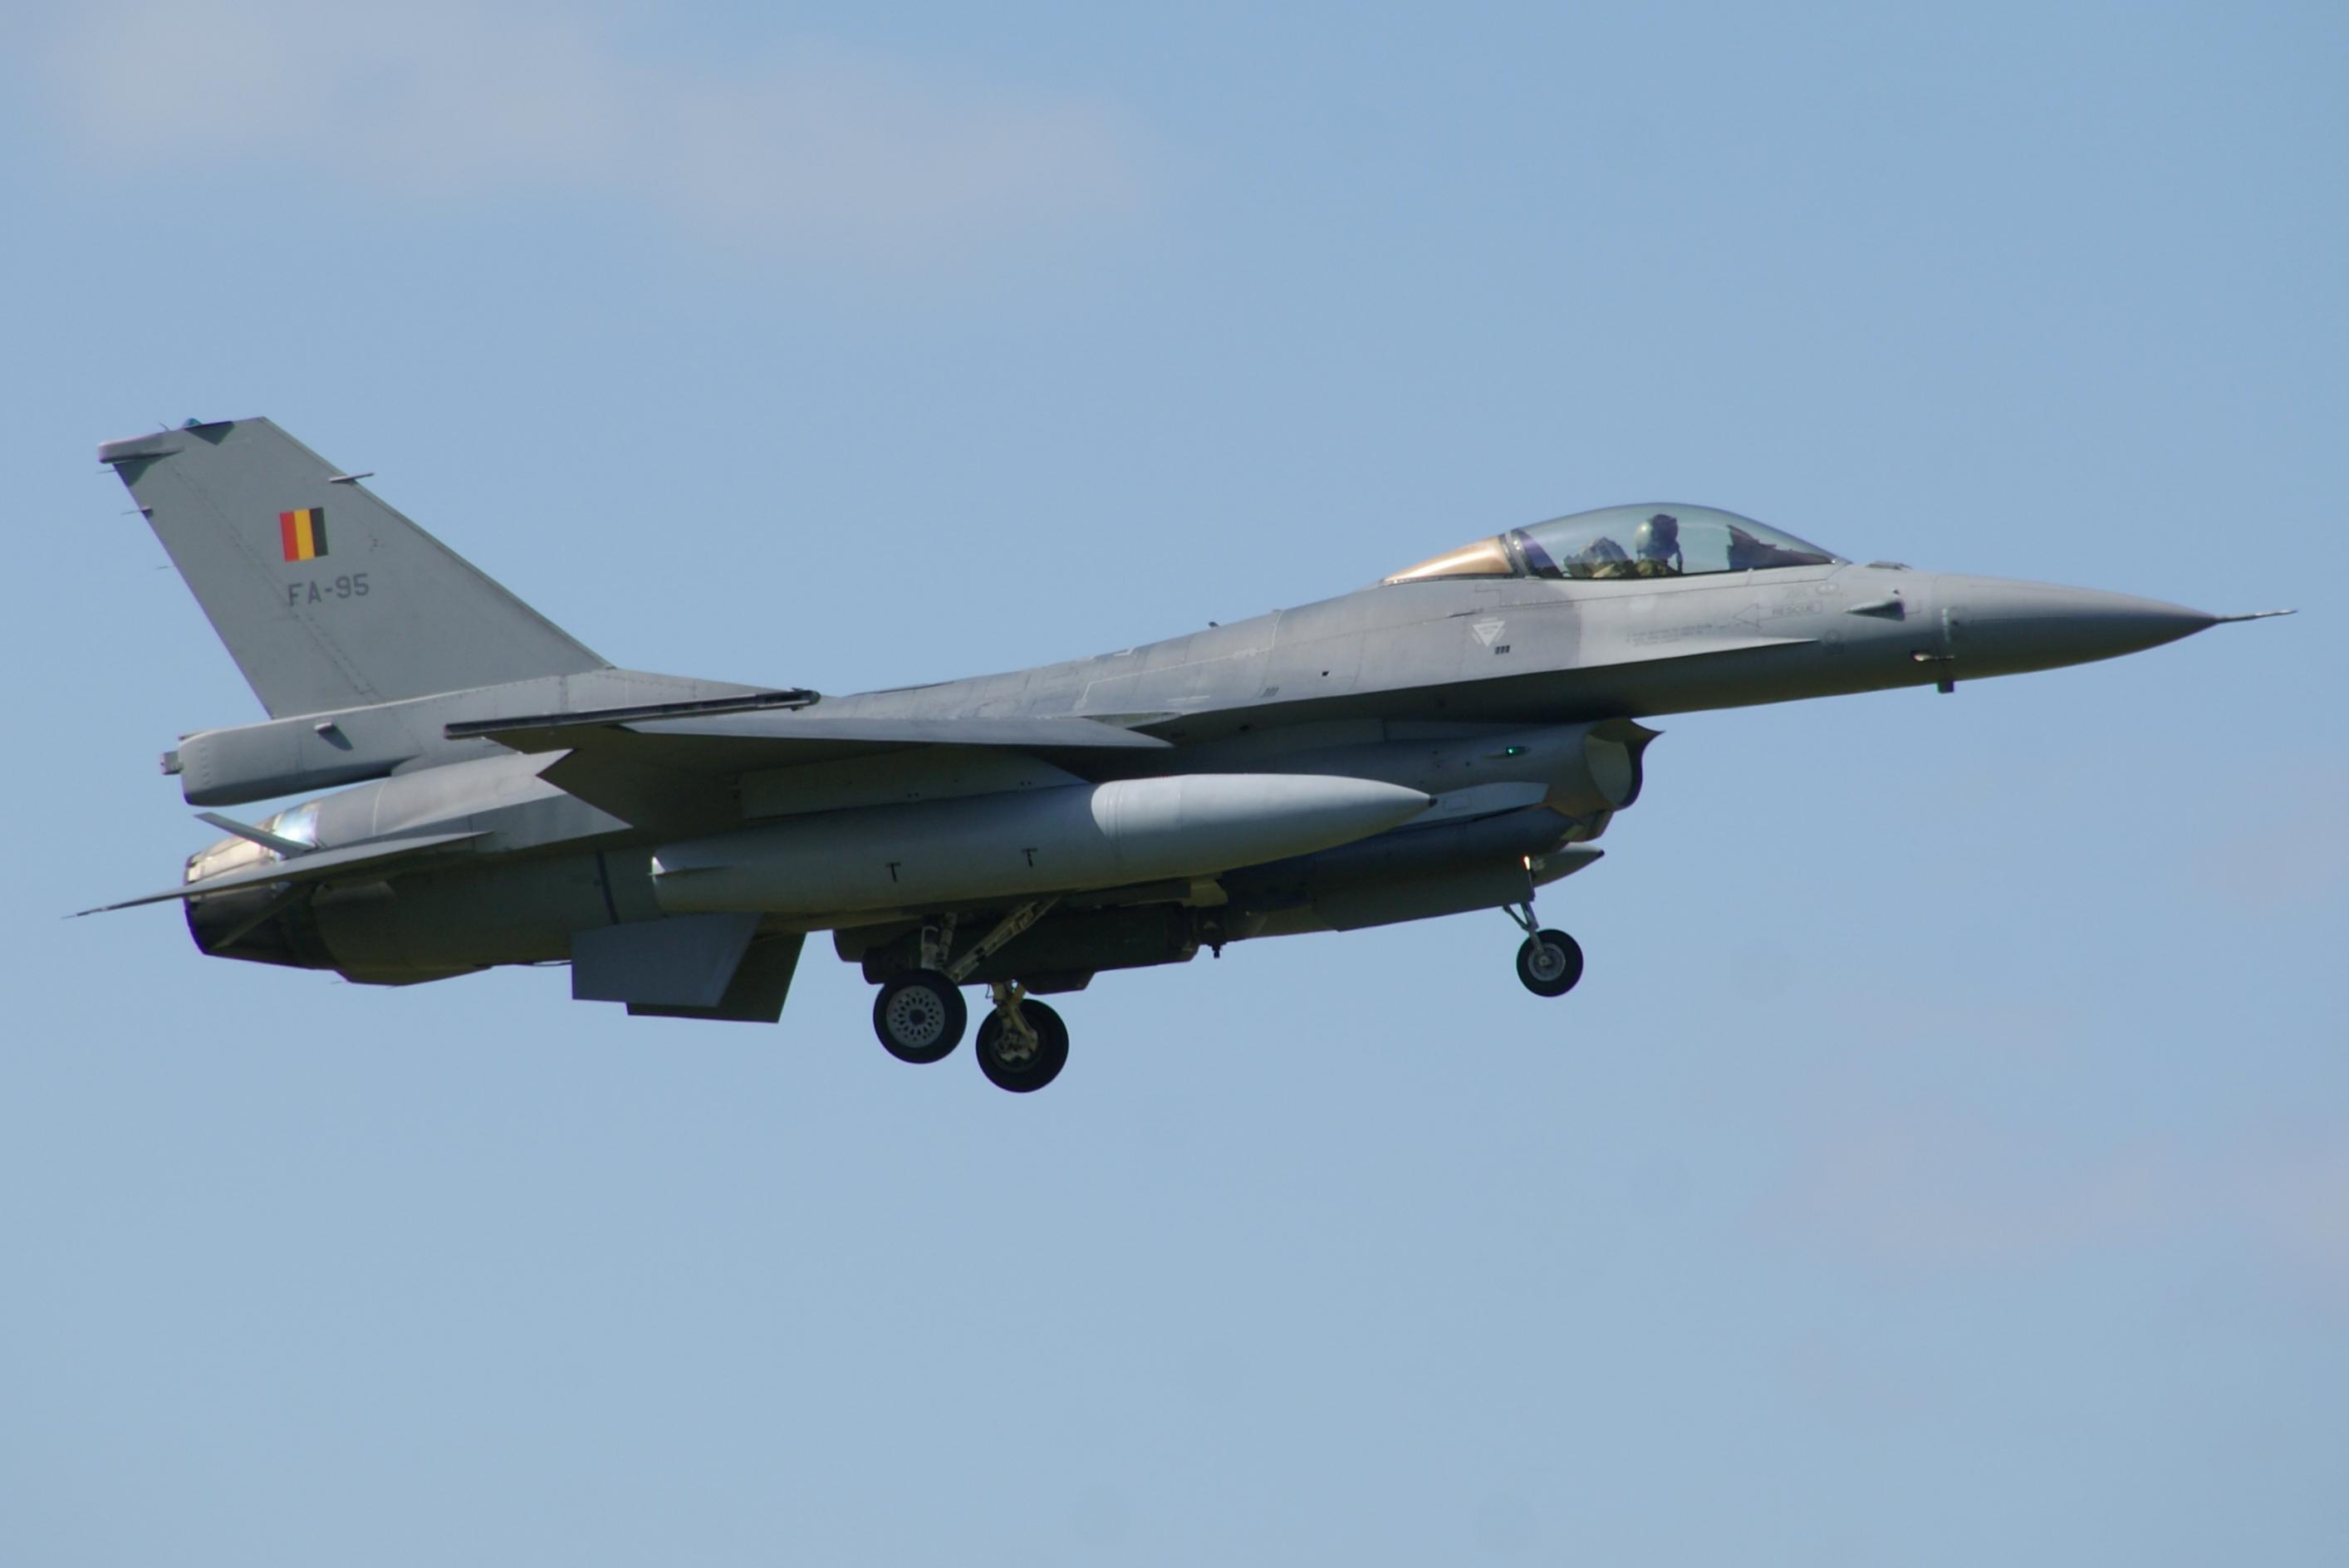 Naam: FA-95 NK.jpg Bekeken: 389 Grootte: 145,0 KB